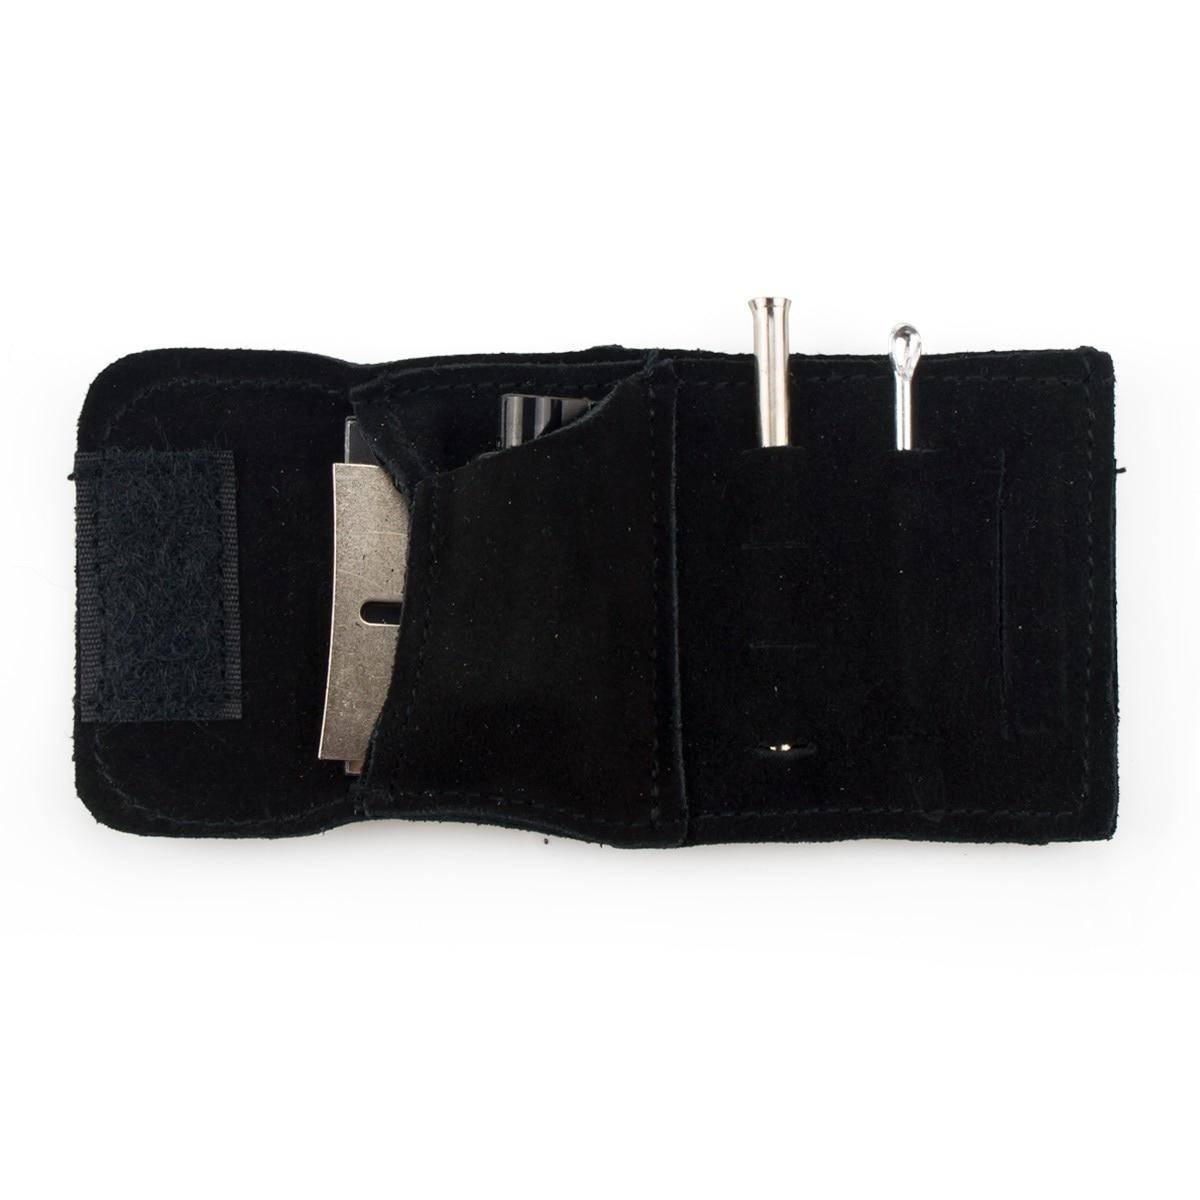 Formax420 13.5mm X 6.5mm Petite Taille En Daim Kit kit Sniffer de Tabac À Priser Snorter Tube Distributeur De Poudre